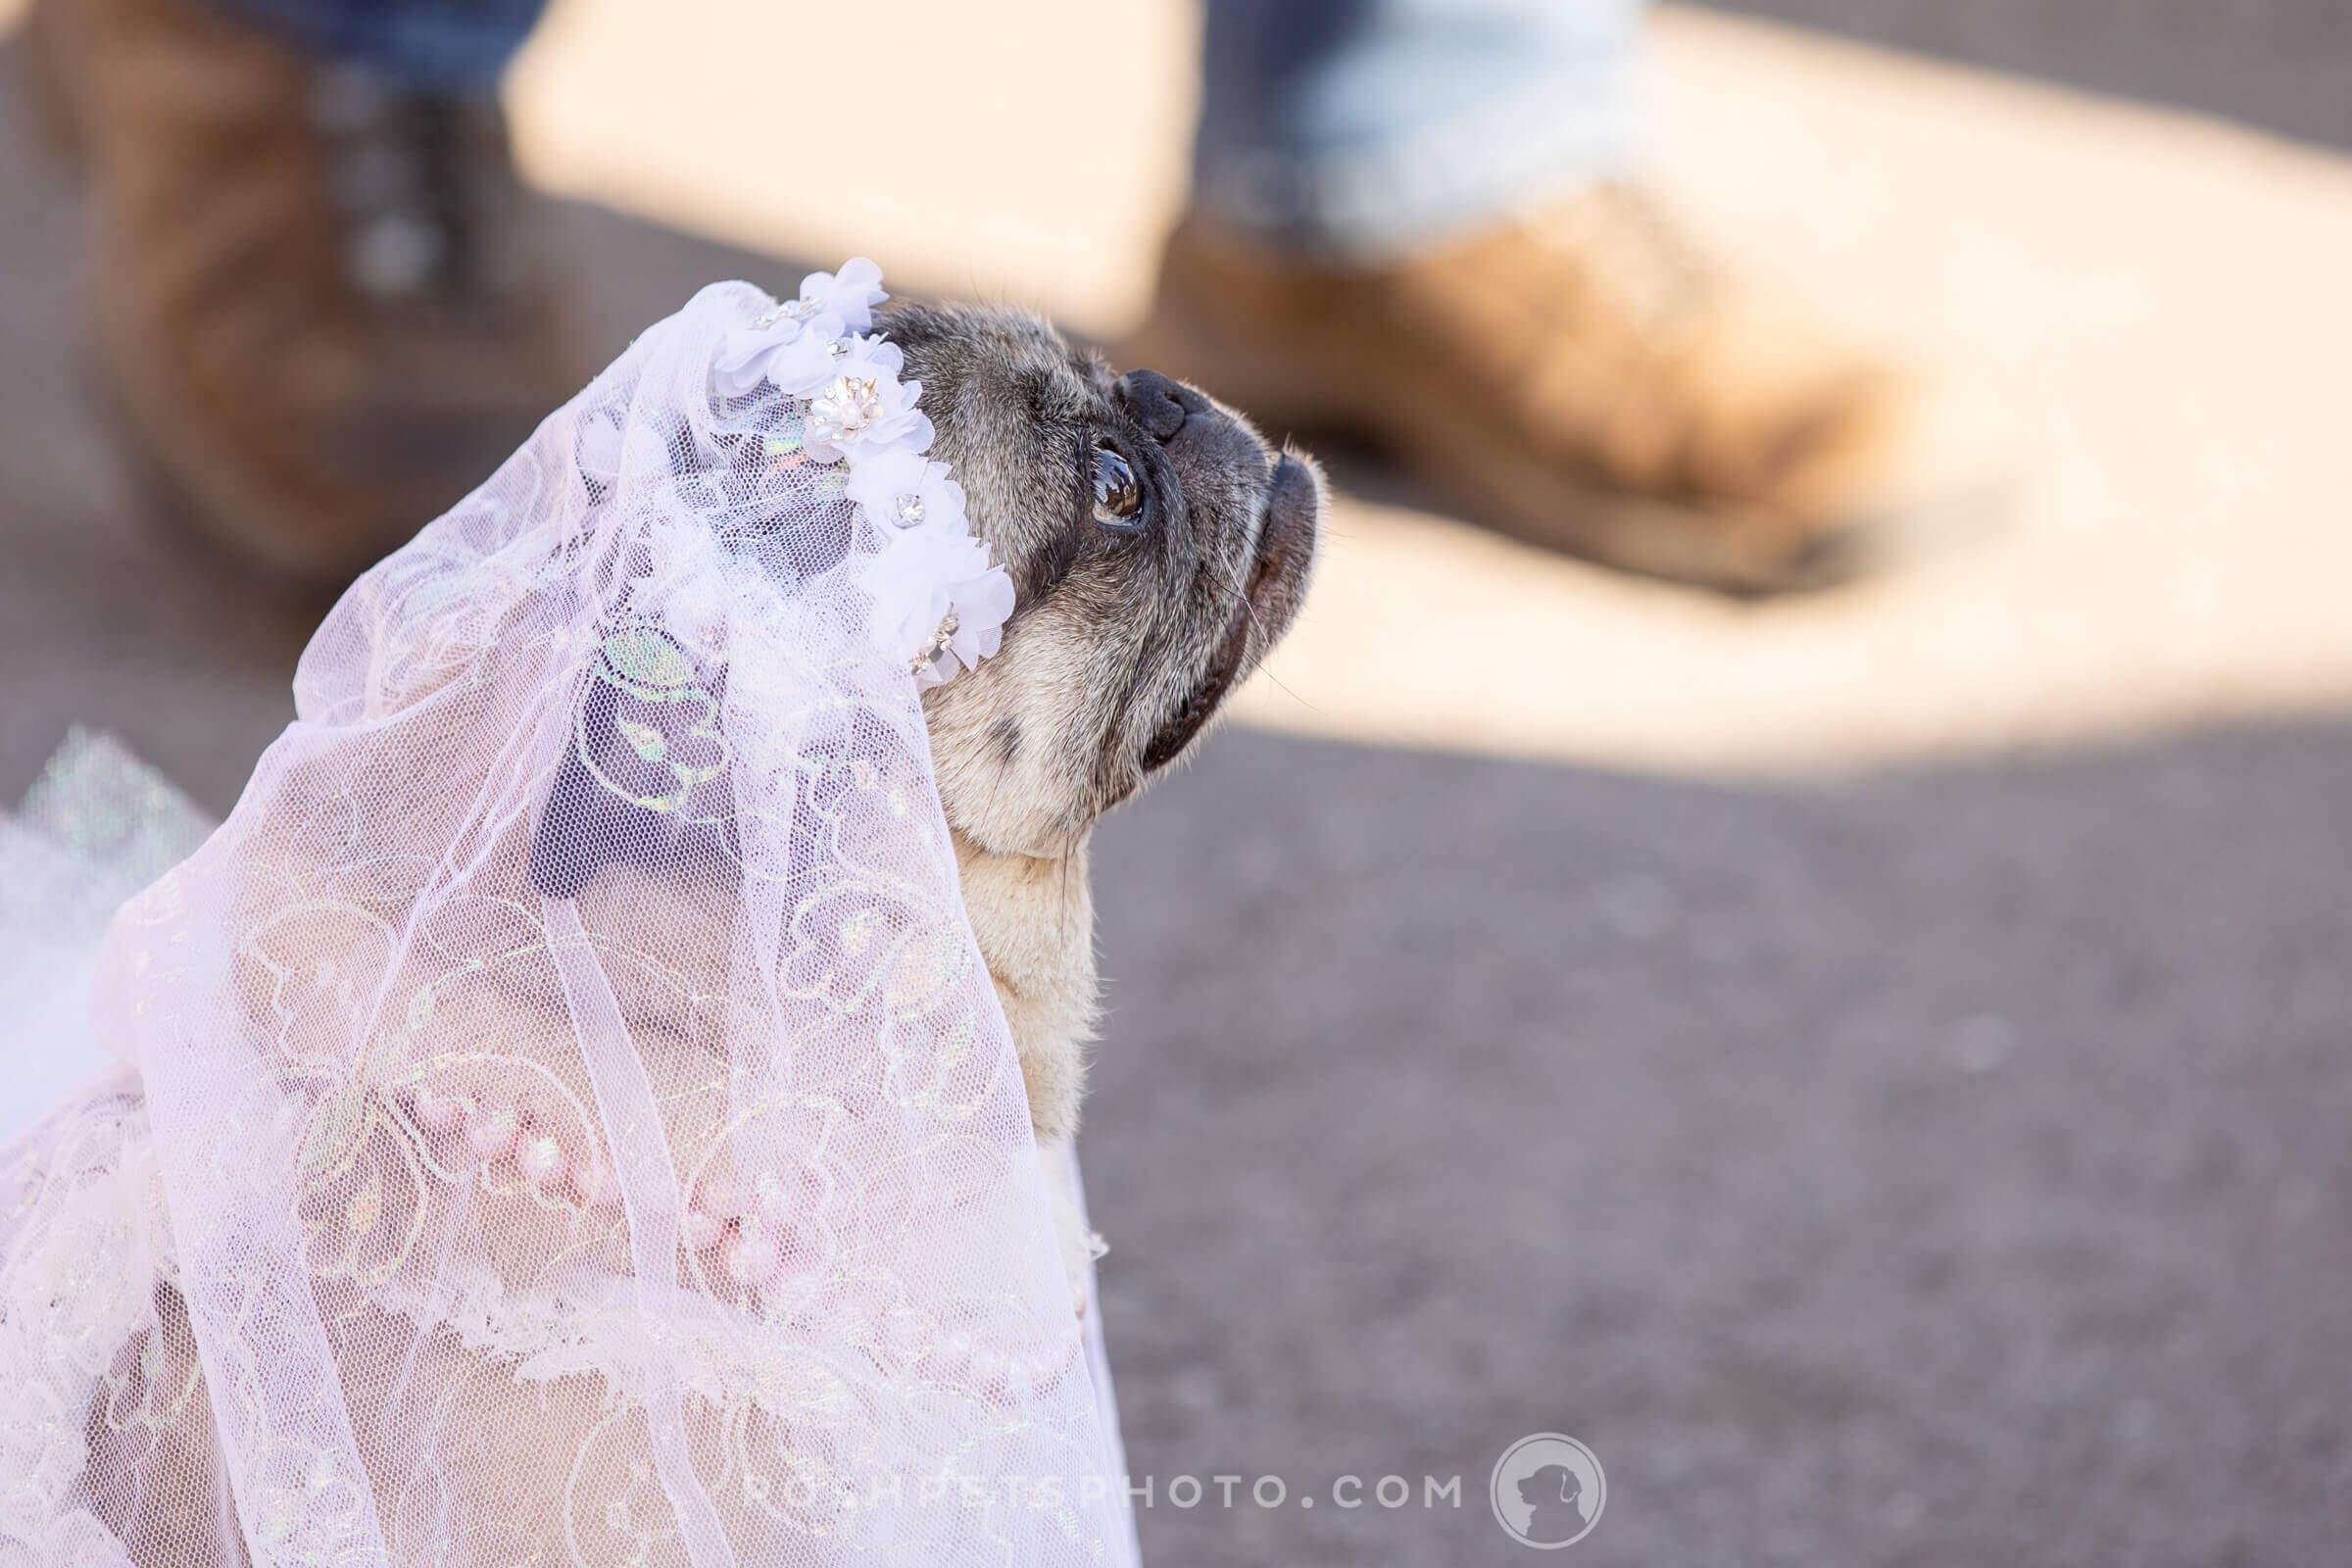 pug dog with veil